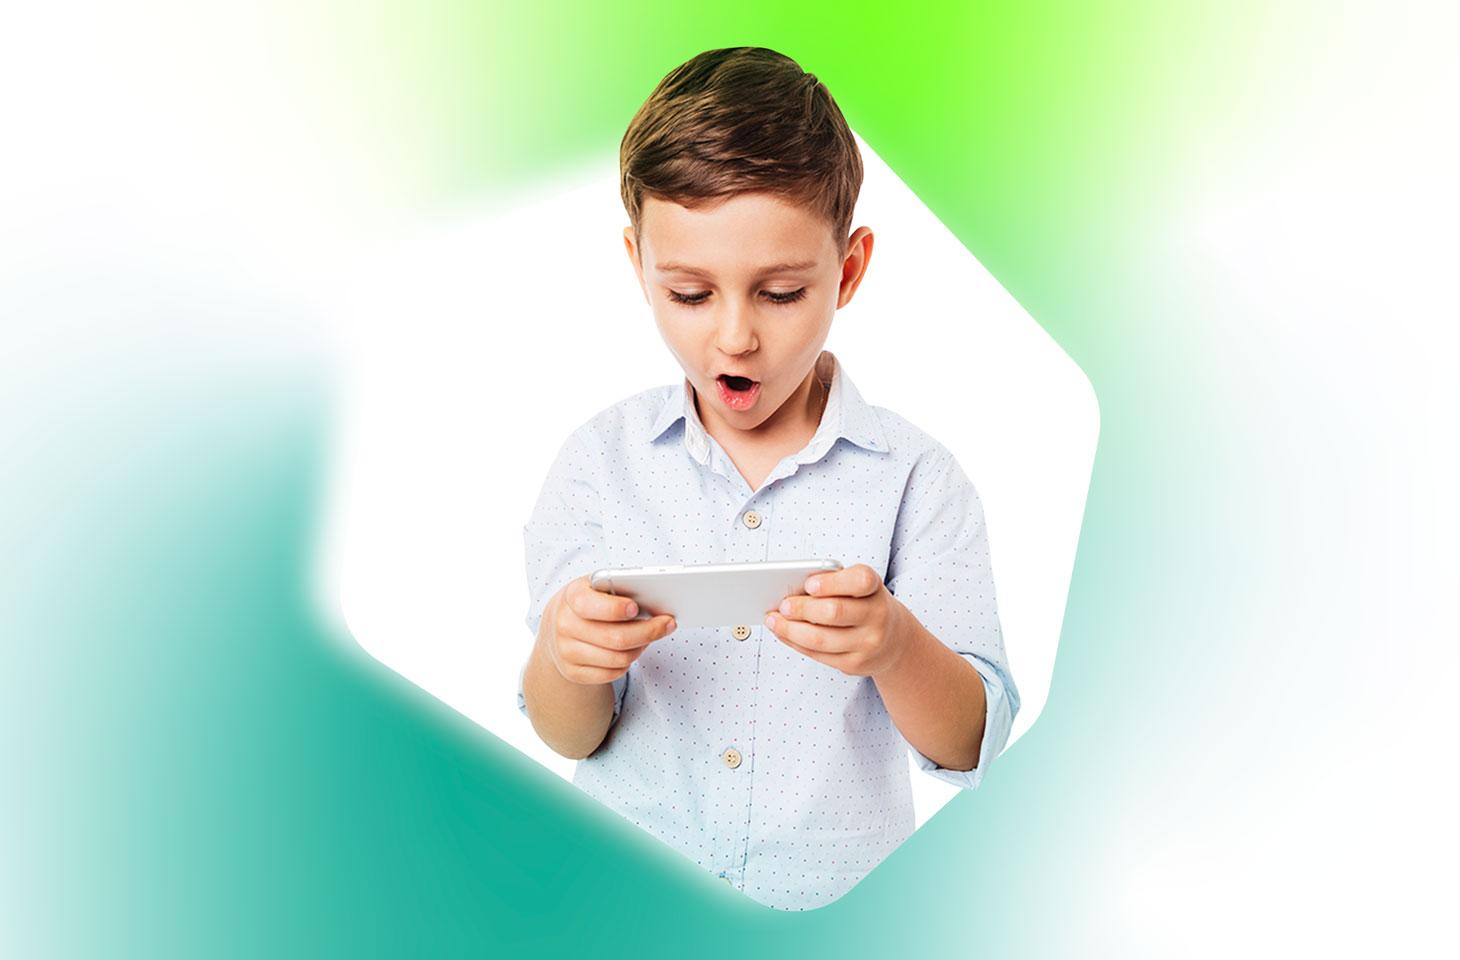 Come configurare lo smartphone di bambini e ragazzi